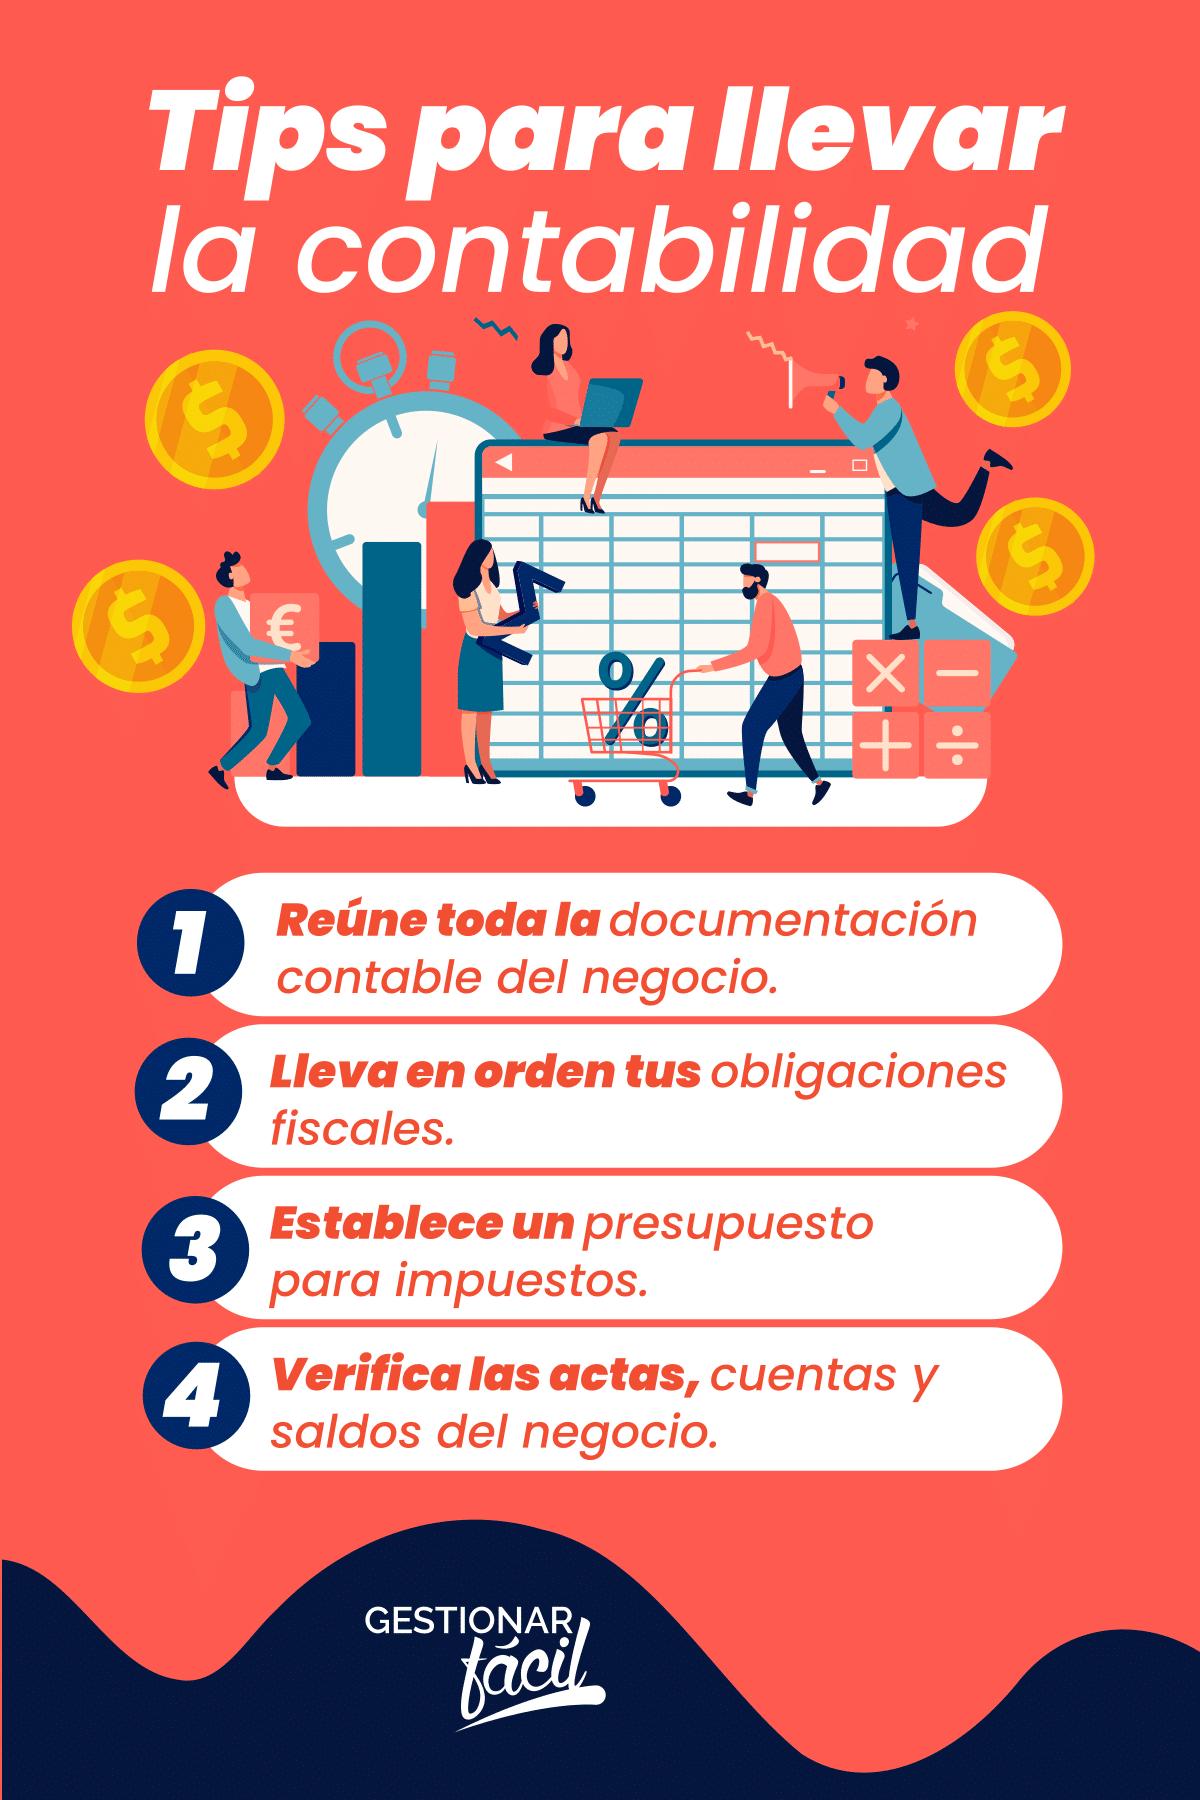 Tips para llevar en orden la contabilidad fiscal de tu negocio en México.